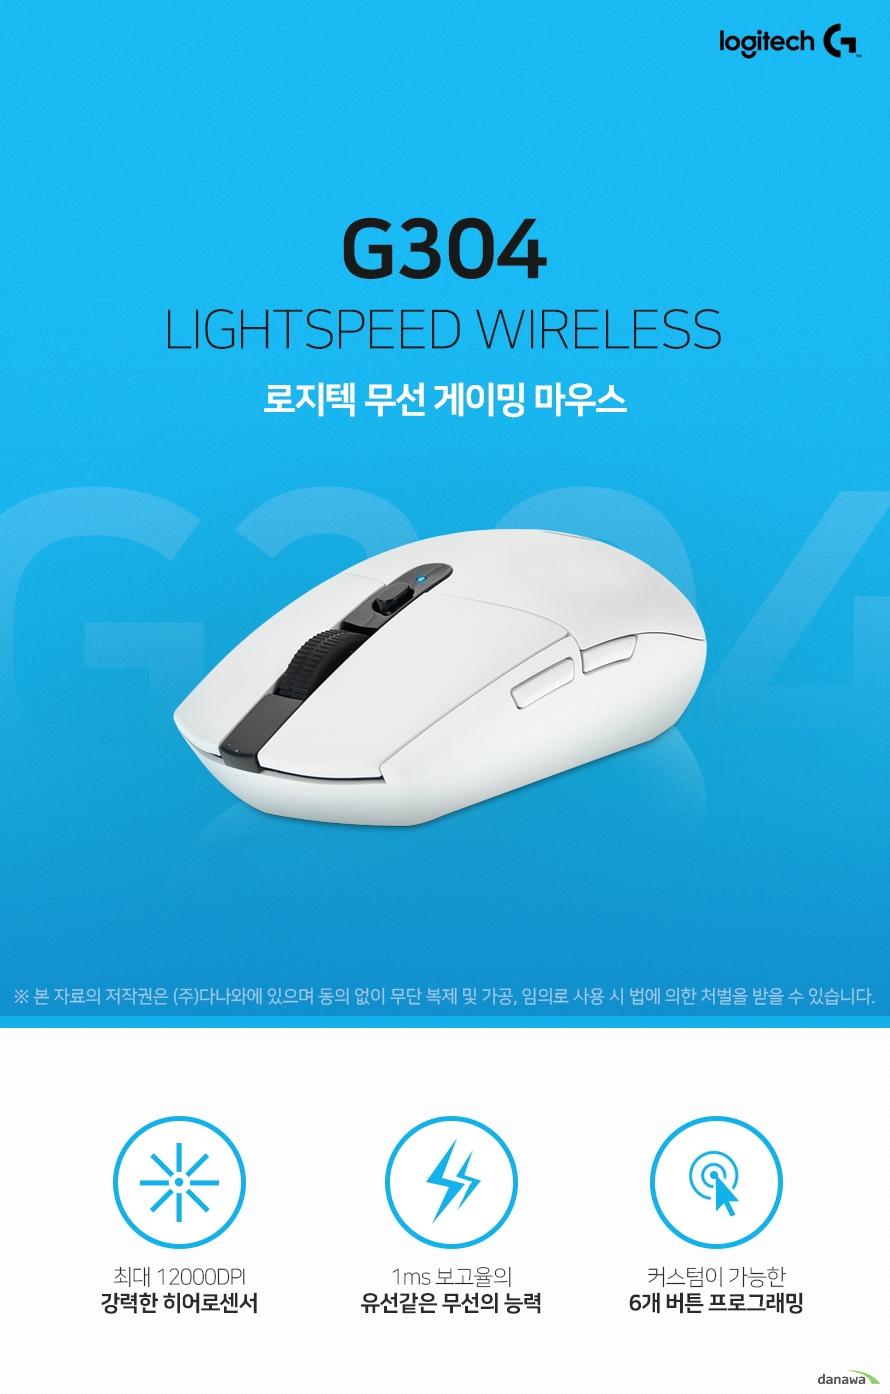 로지텍 G304 LIGHTSPEED WIRELESS (정품) (민트)